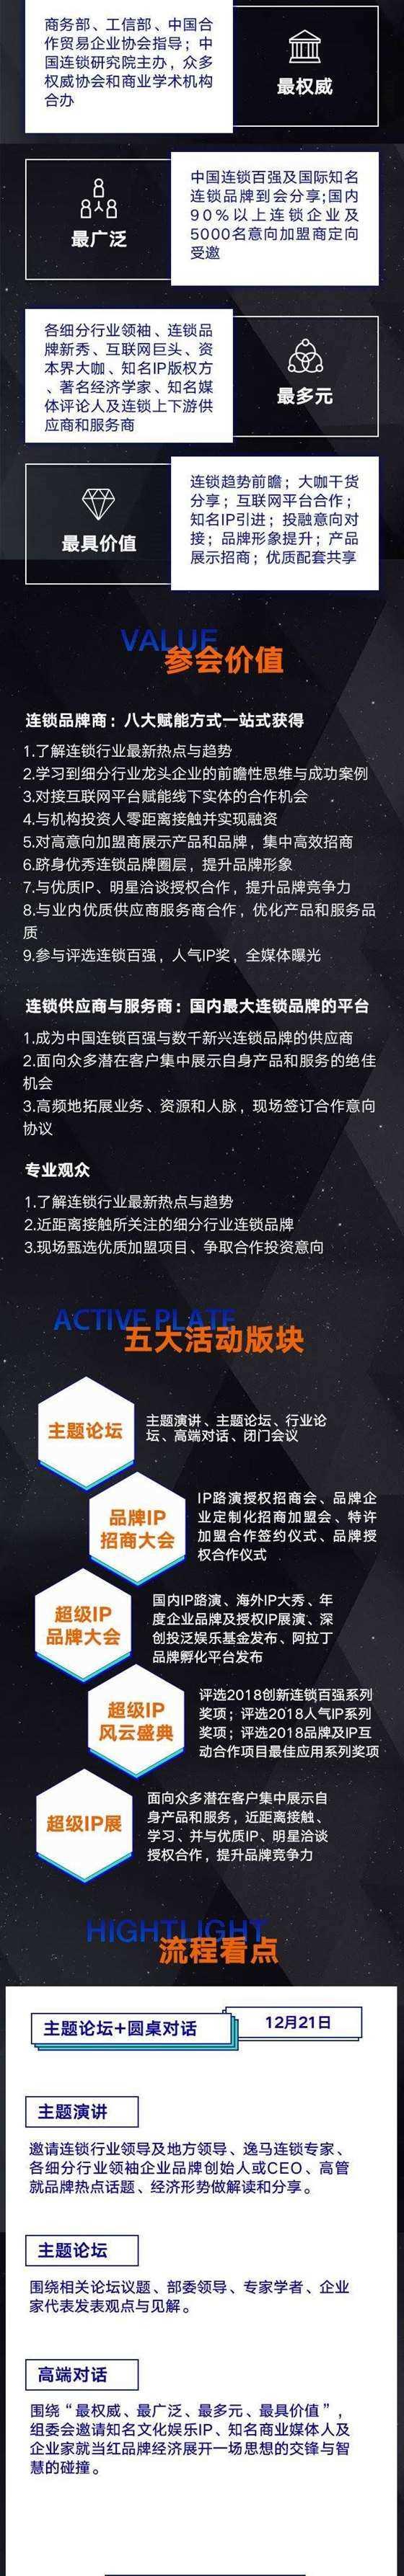 中国连锁节长图2_02.jpg